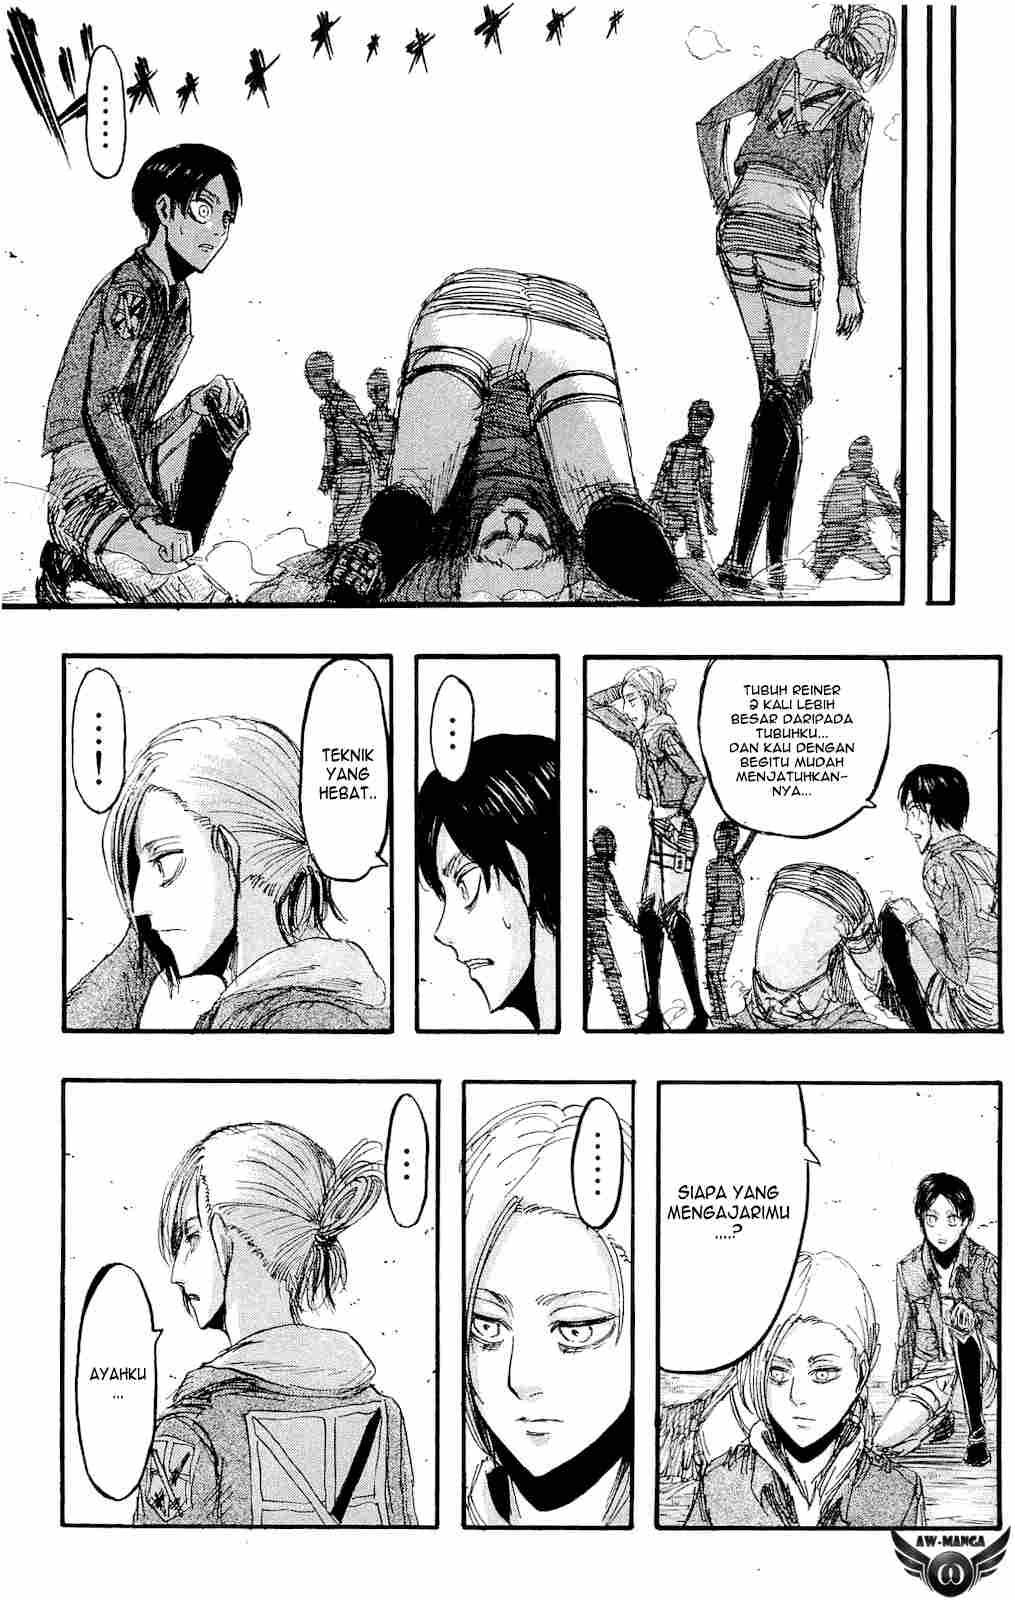 Komik shingeki no kyojin 017 - ilusi dari kekuatan 18 Indonesia shingeki no kyojin 017 - ilusi dari kekuatan Terbaru 17|Baca Manga Komik Indonesia|